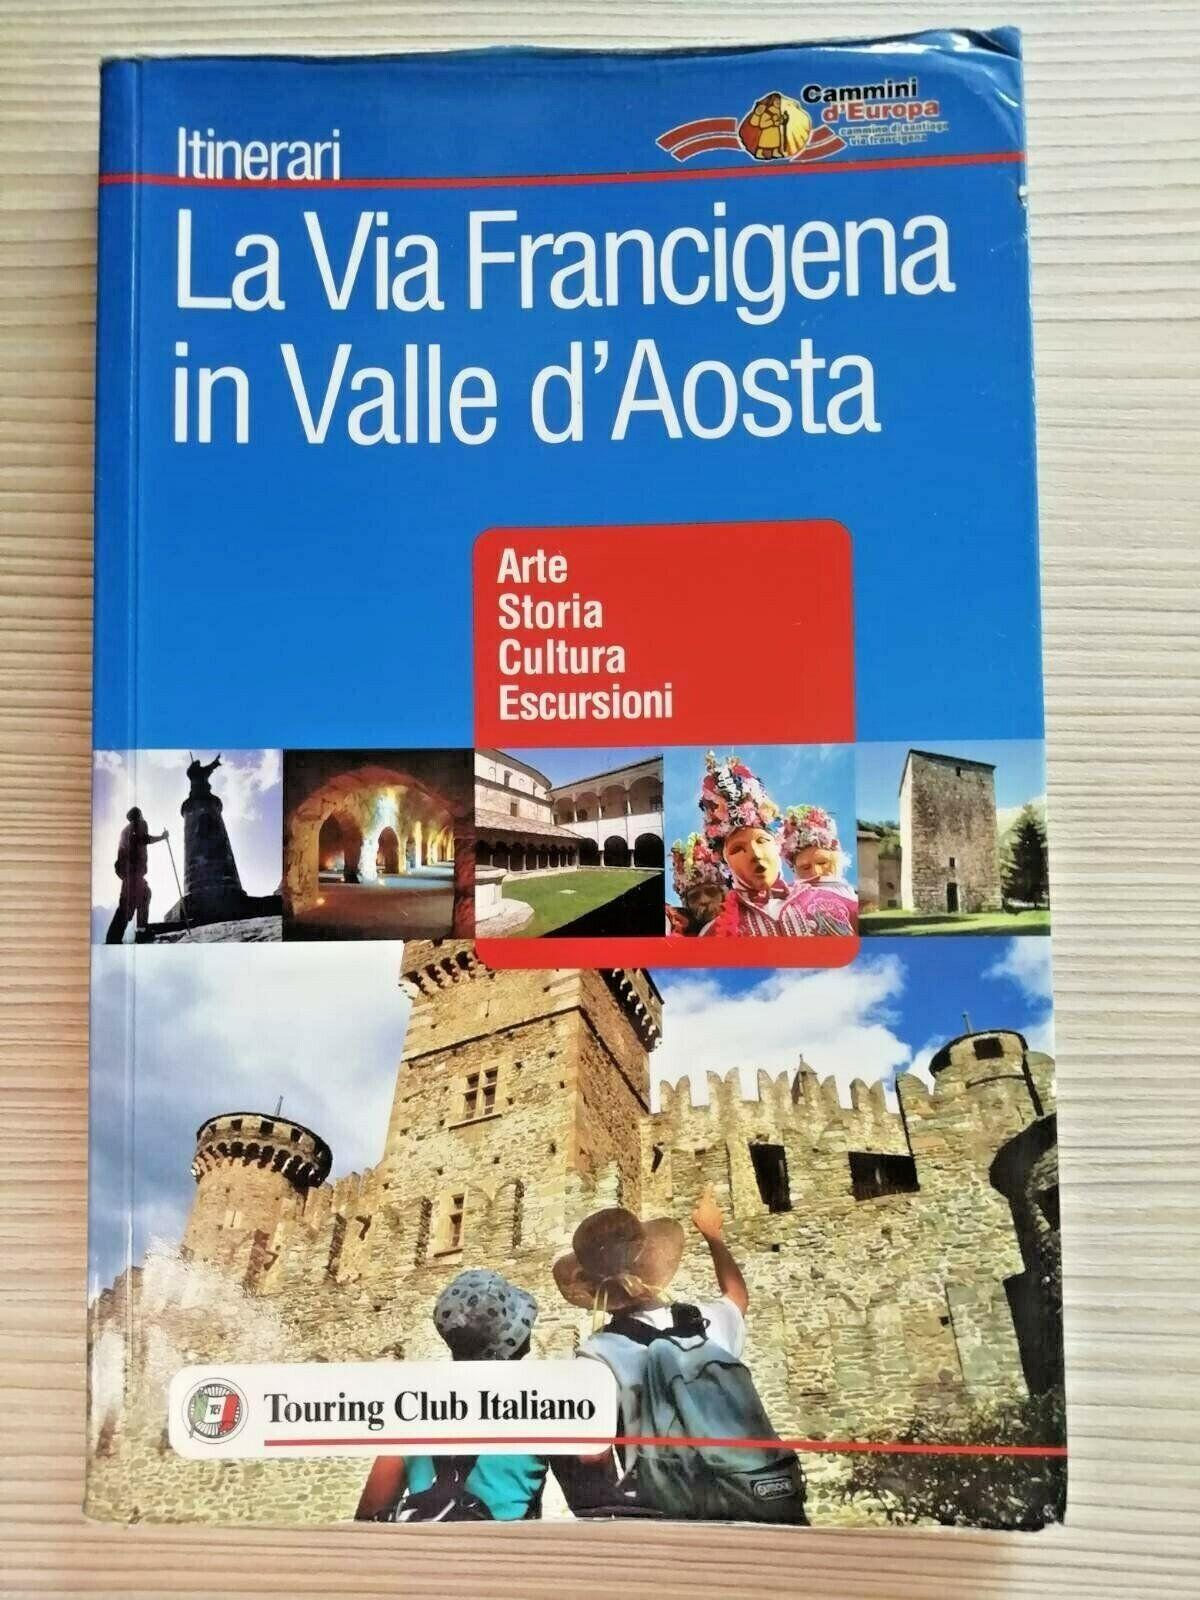 via francigena in valle d'aosta